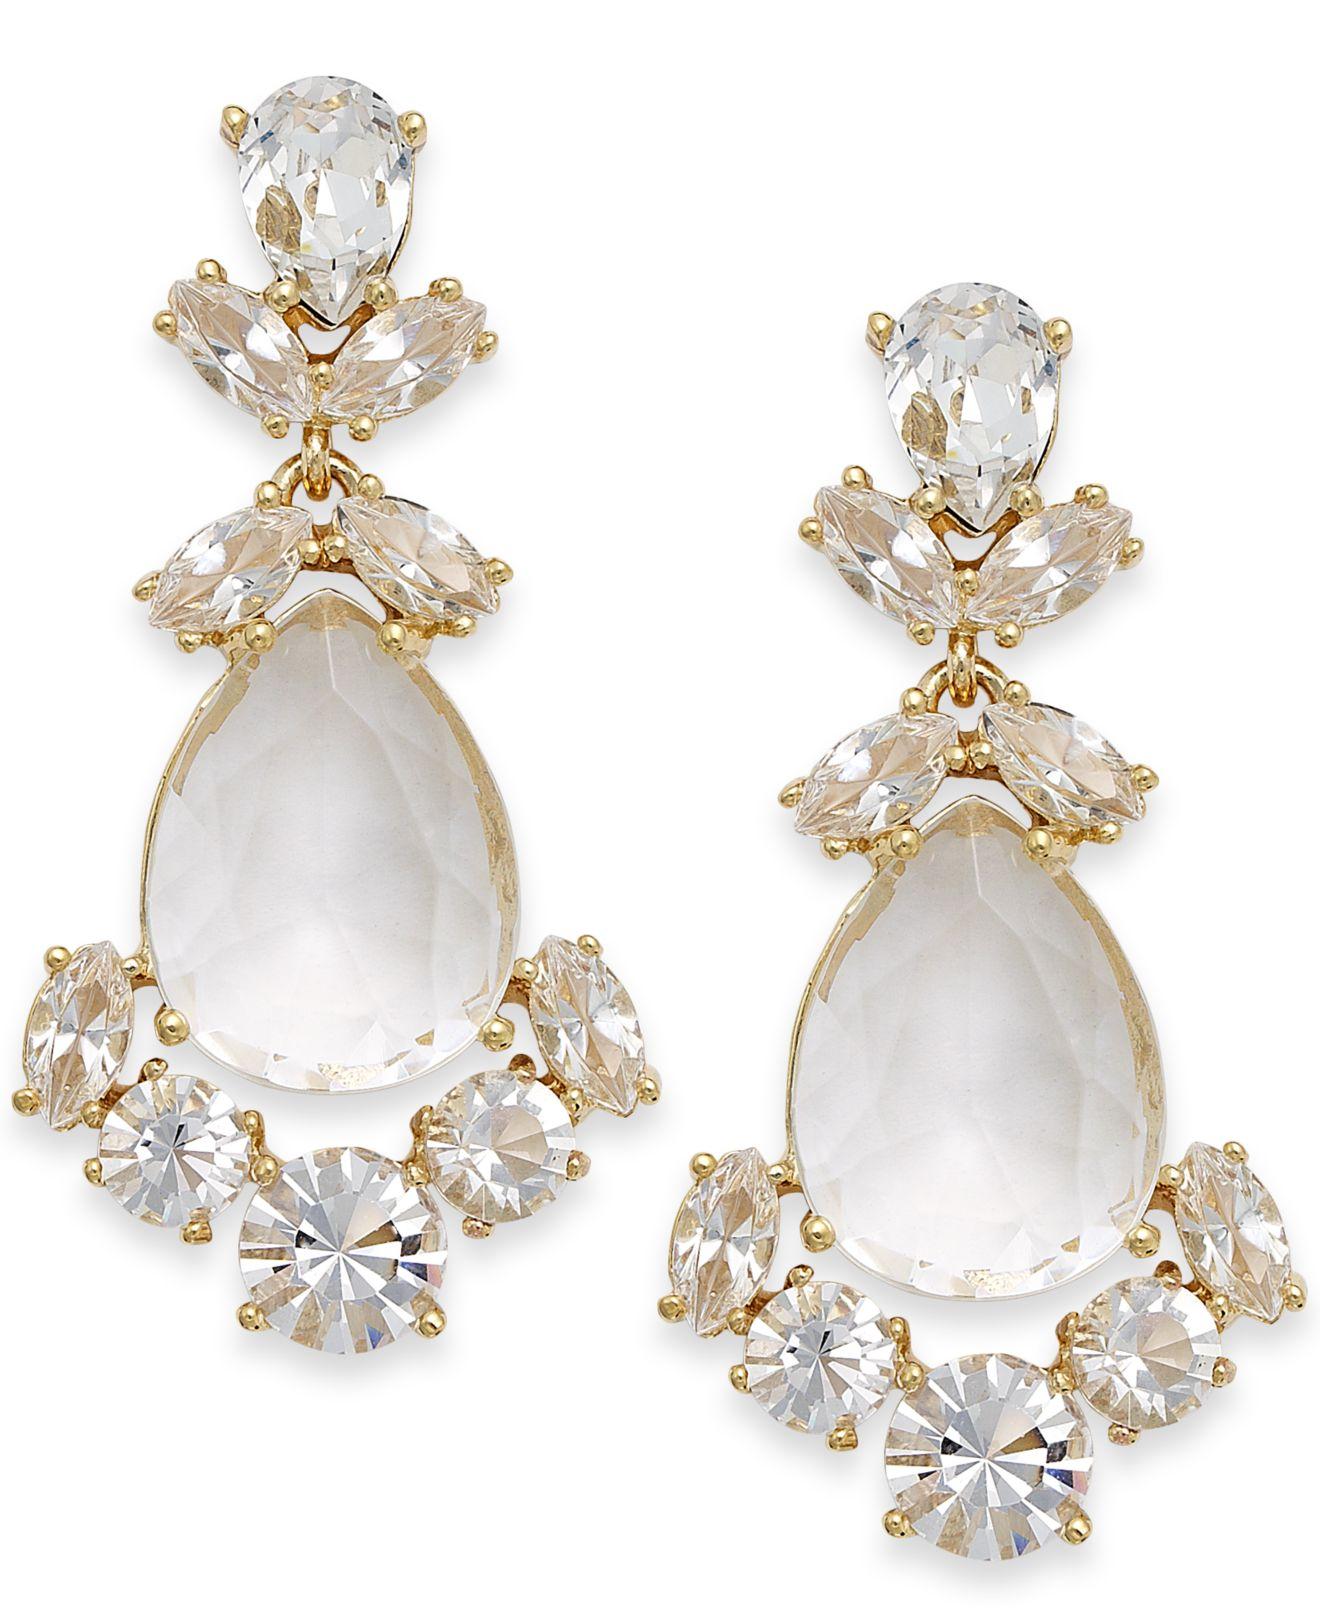 0b5bde92d Kate Spade Crystal Chandelier Earrings in White - Lyst